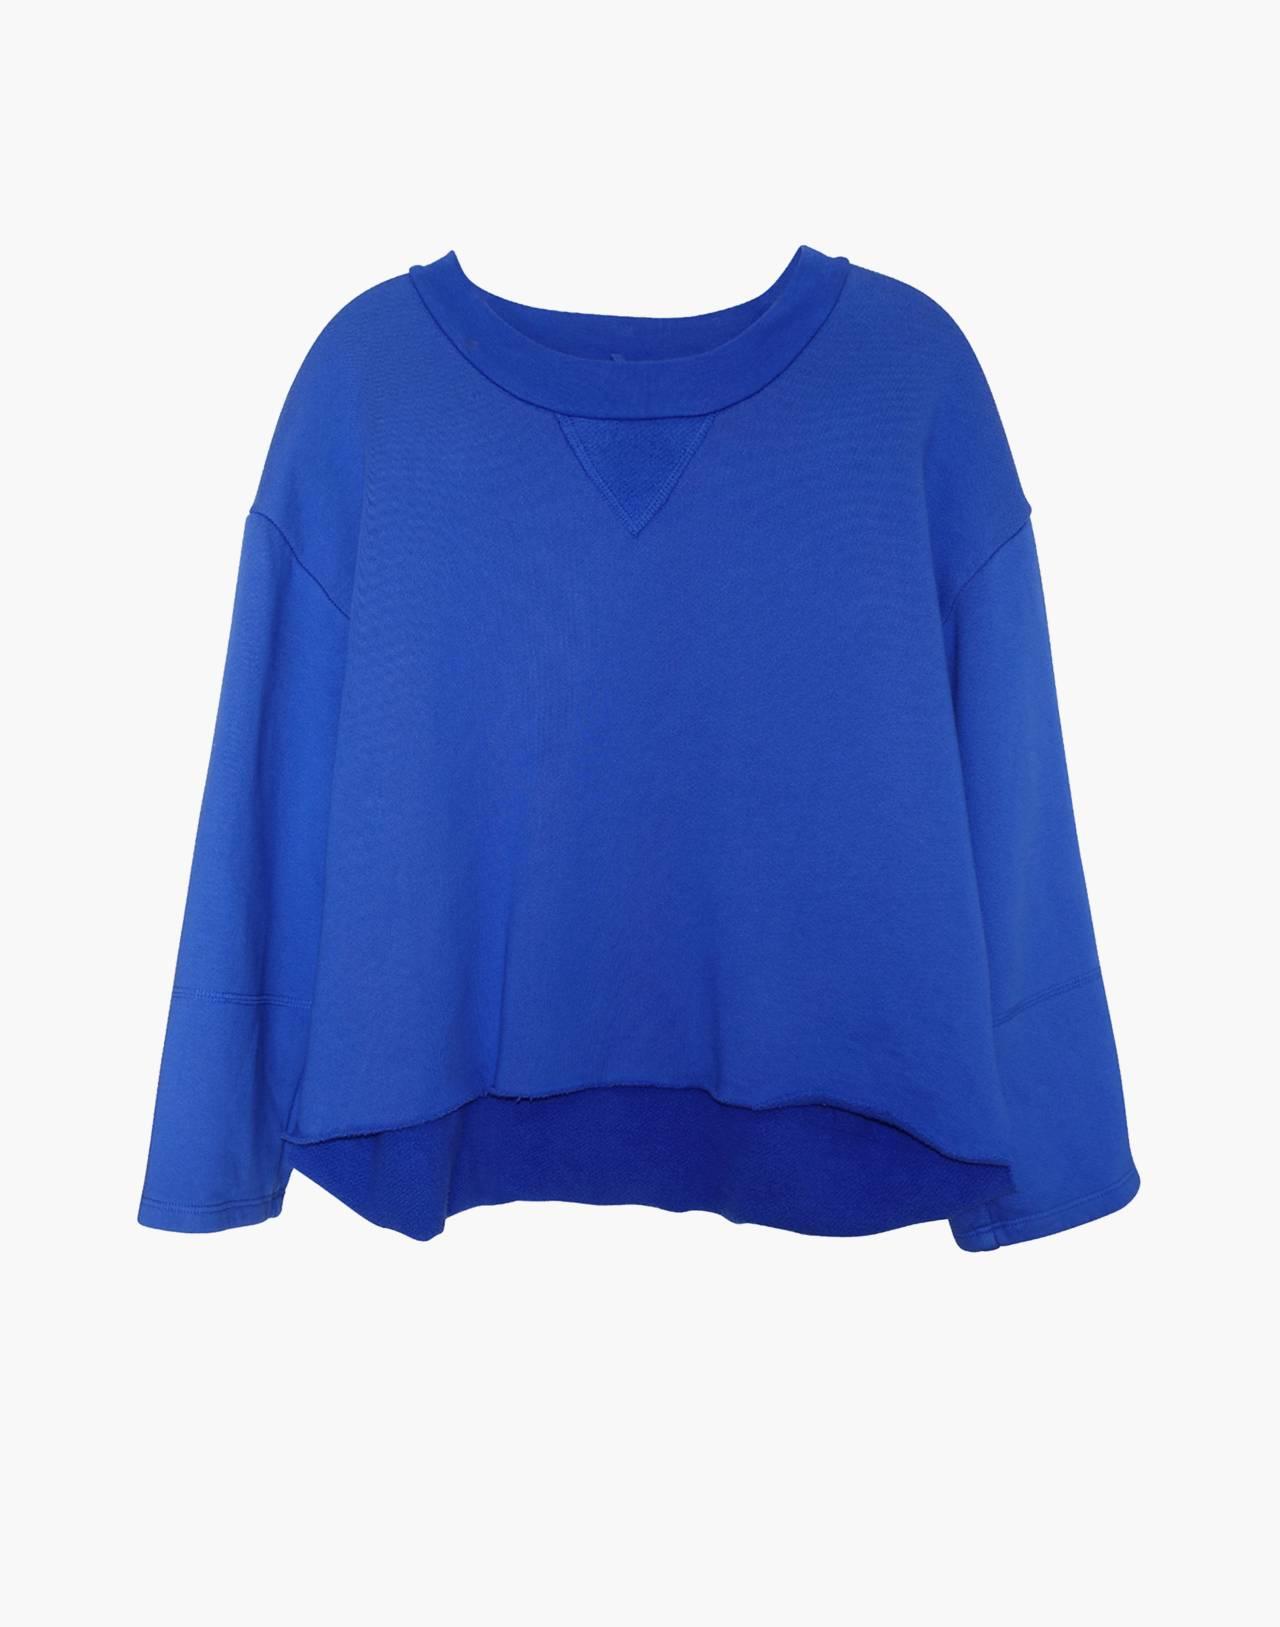 NICO NICO™ Morgan Fleece Pullover Sweatshirt in blue image 1